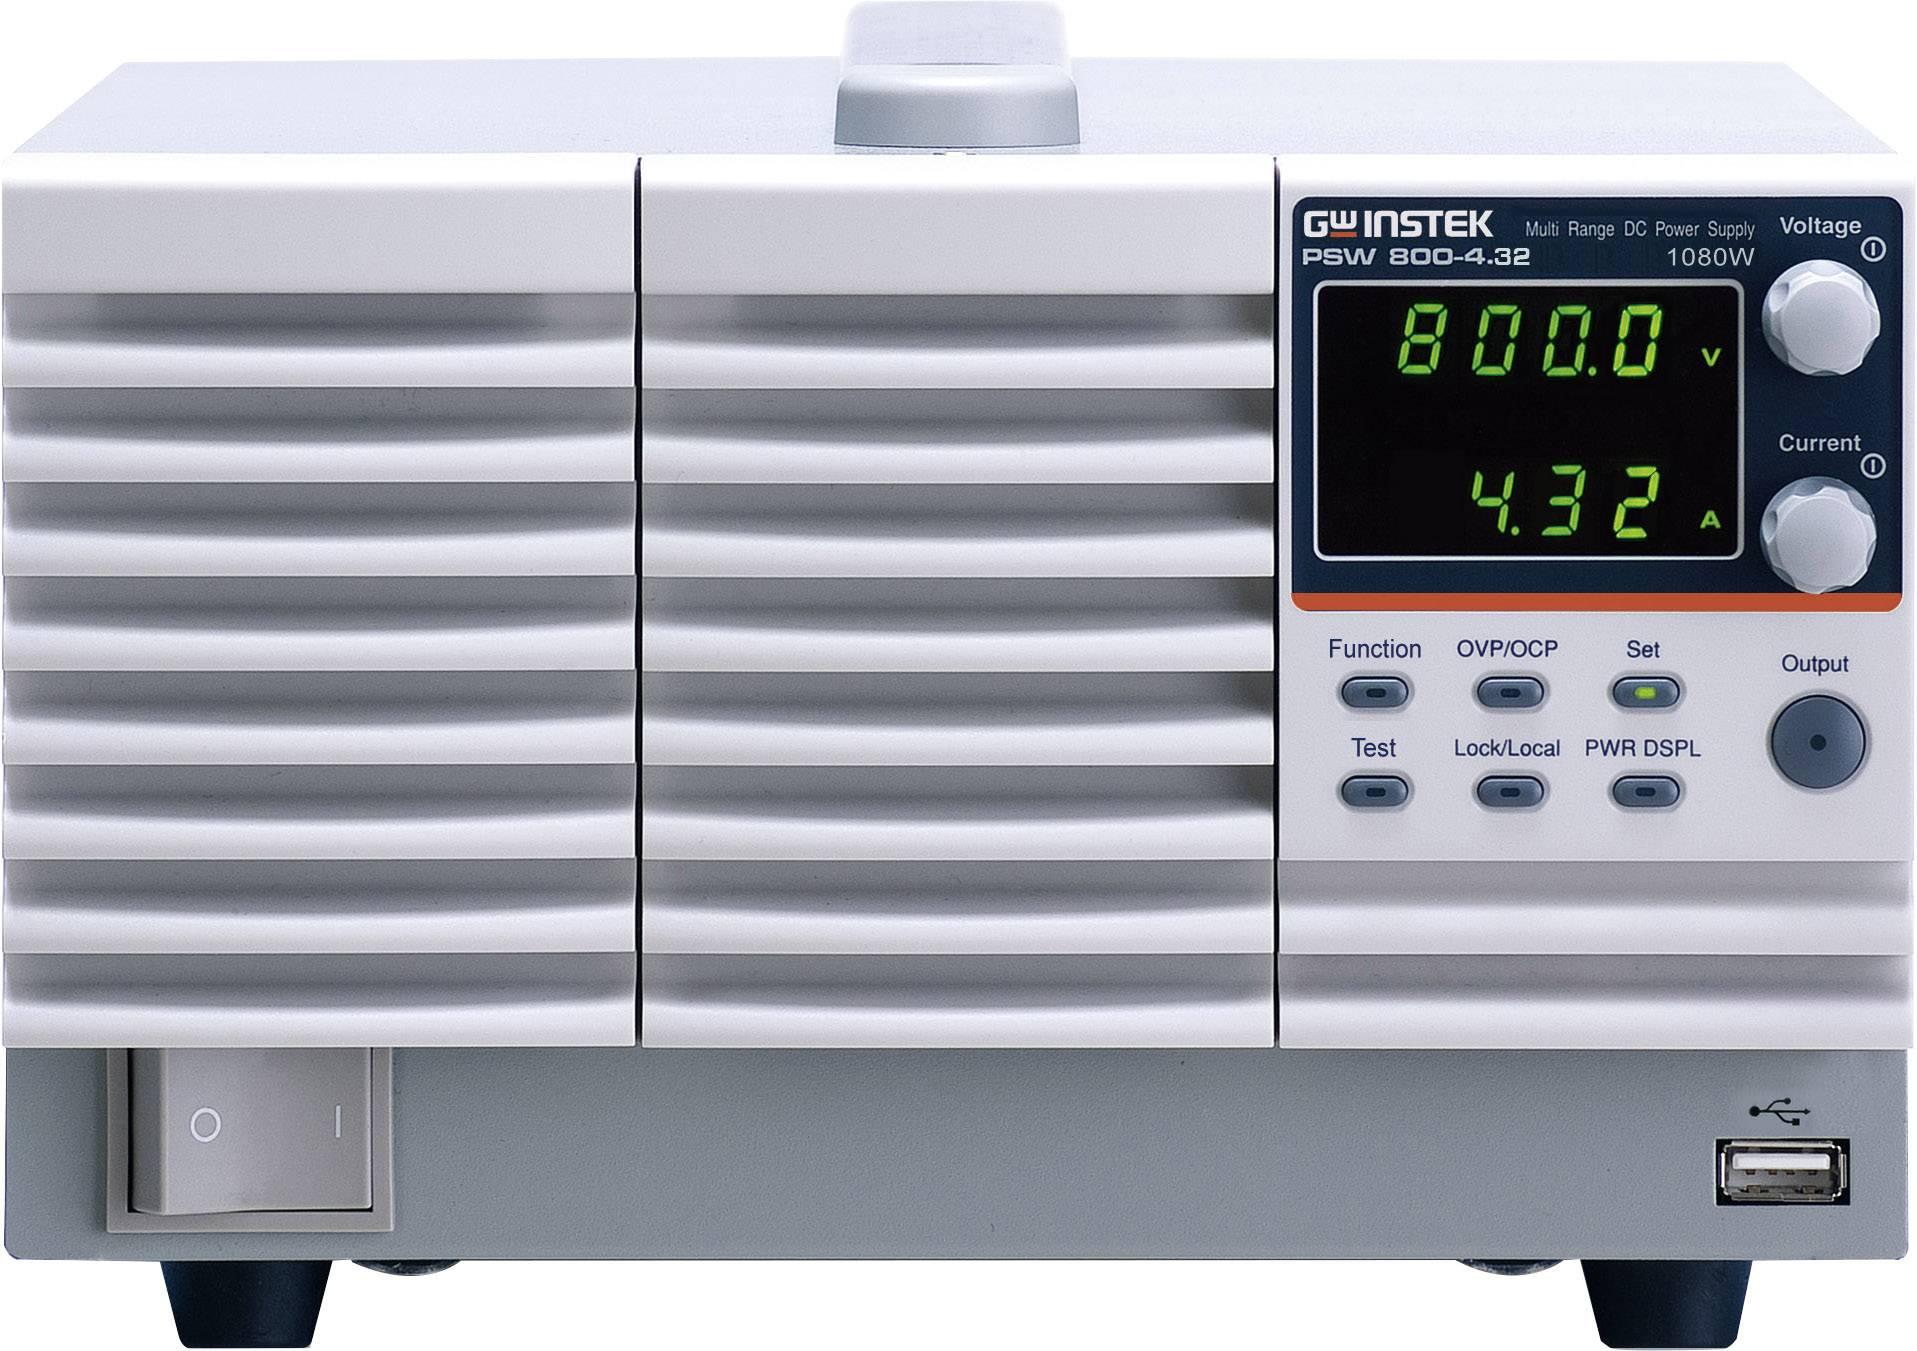 Laboratorní zdroj s nastavitelným napětím GW Instek PSW 800-4.32